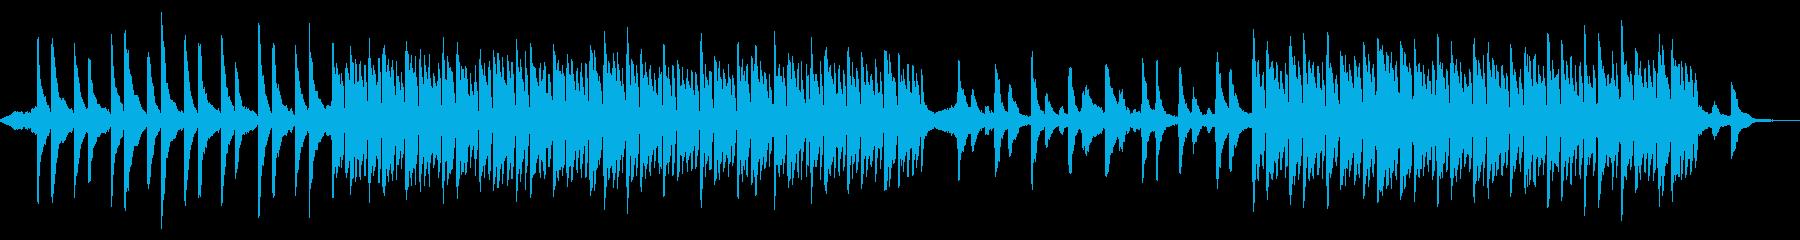 クールで静かなシネマティックピアノの再生済みの波形